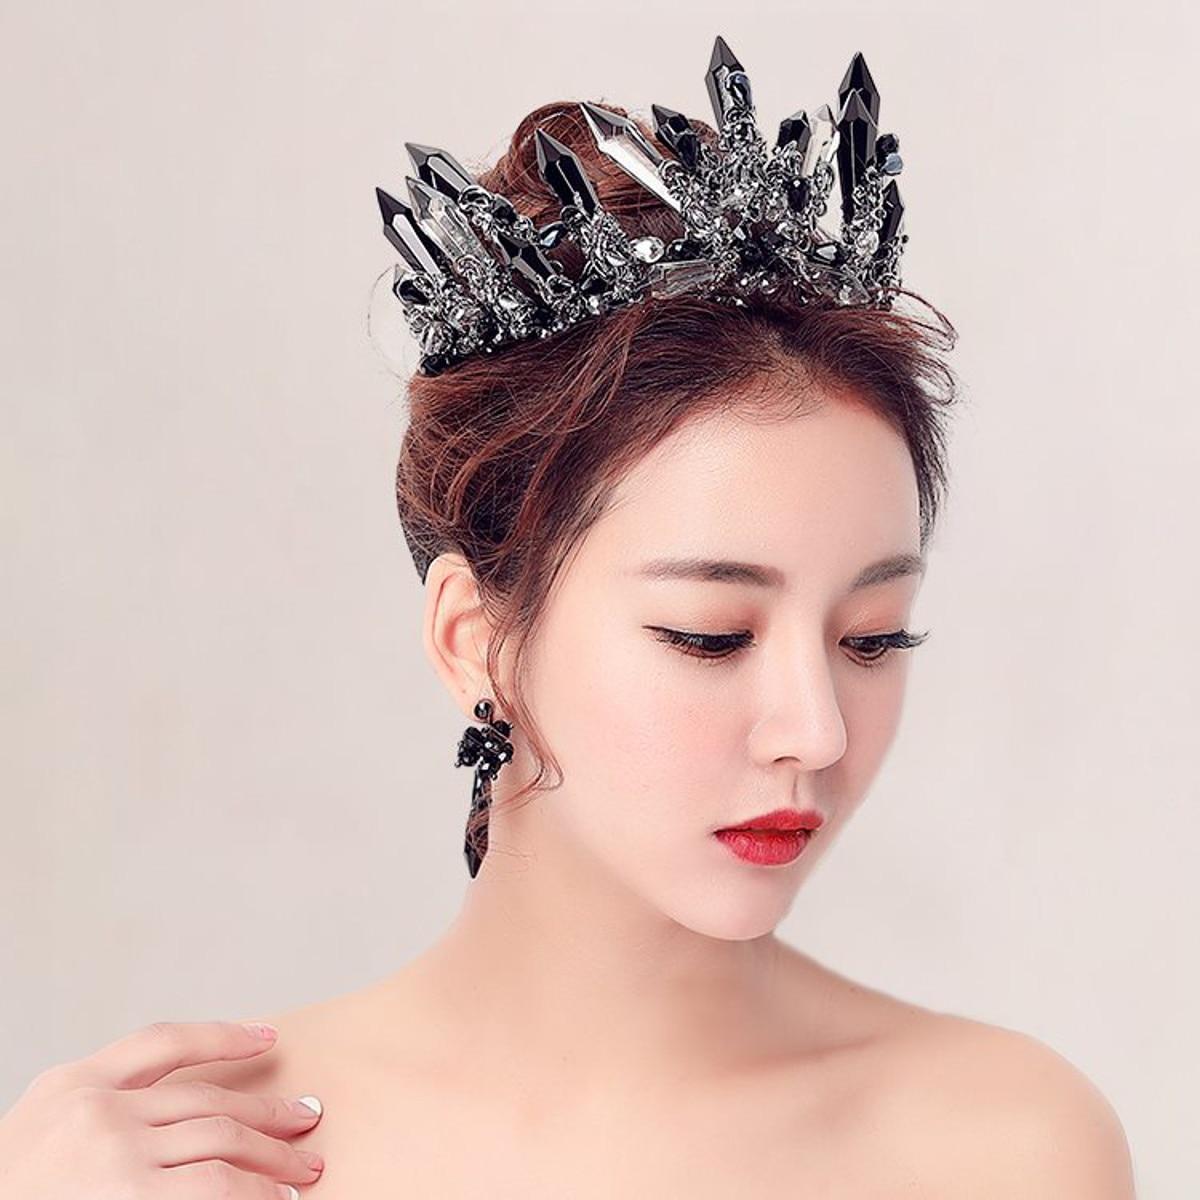 Black Wedding Hairstyles With Crown: Luxurious Handmade Black Crystal Wedding Hair Crown Queen